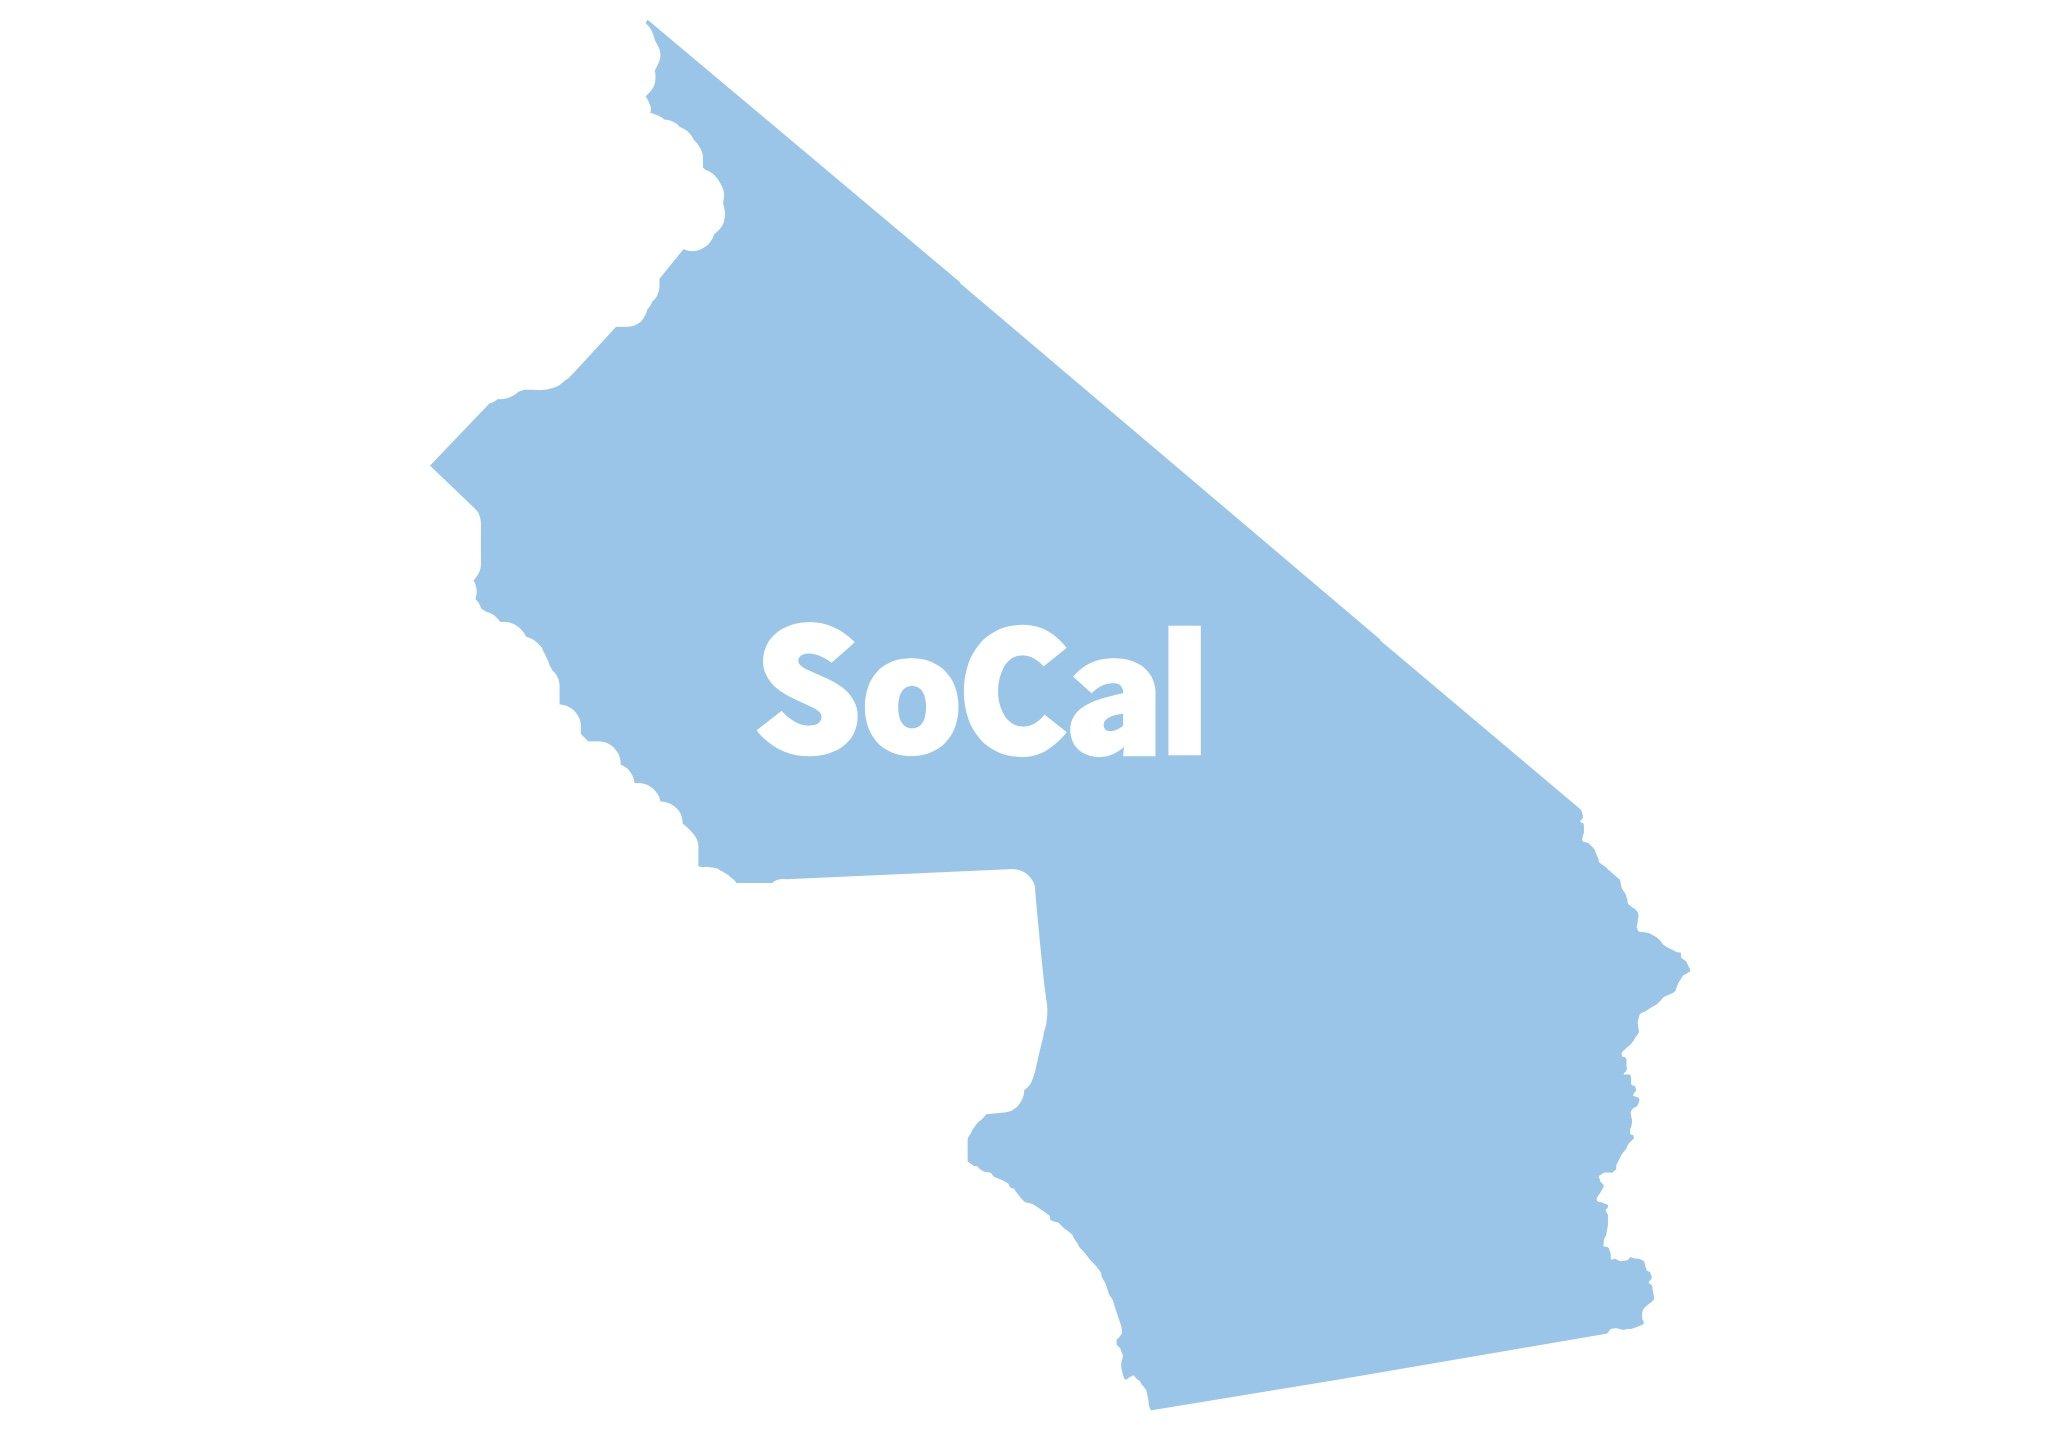 референдум в Калифорнии - SoCal